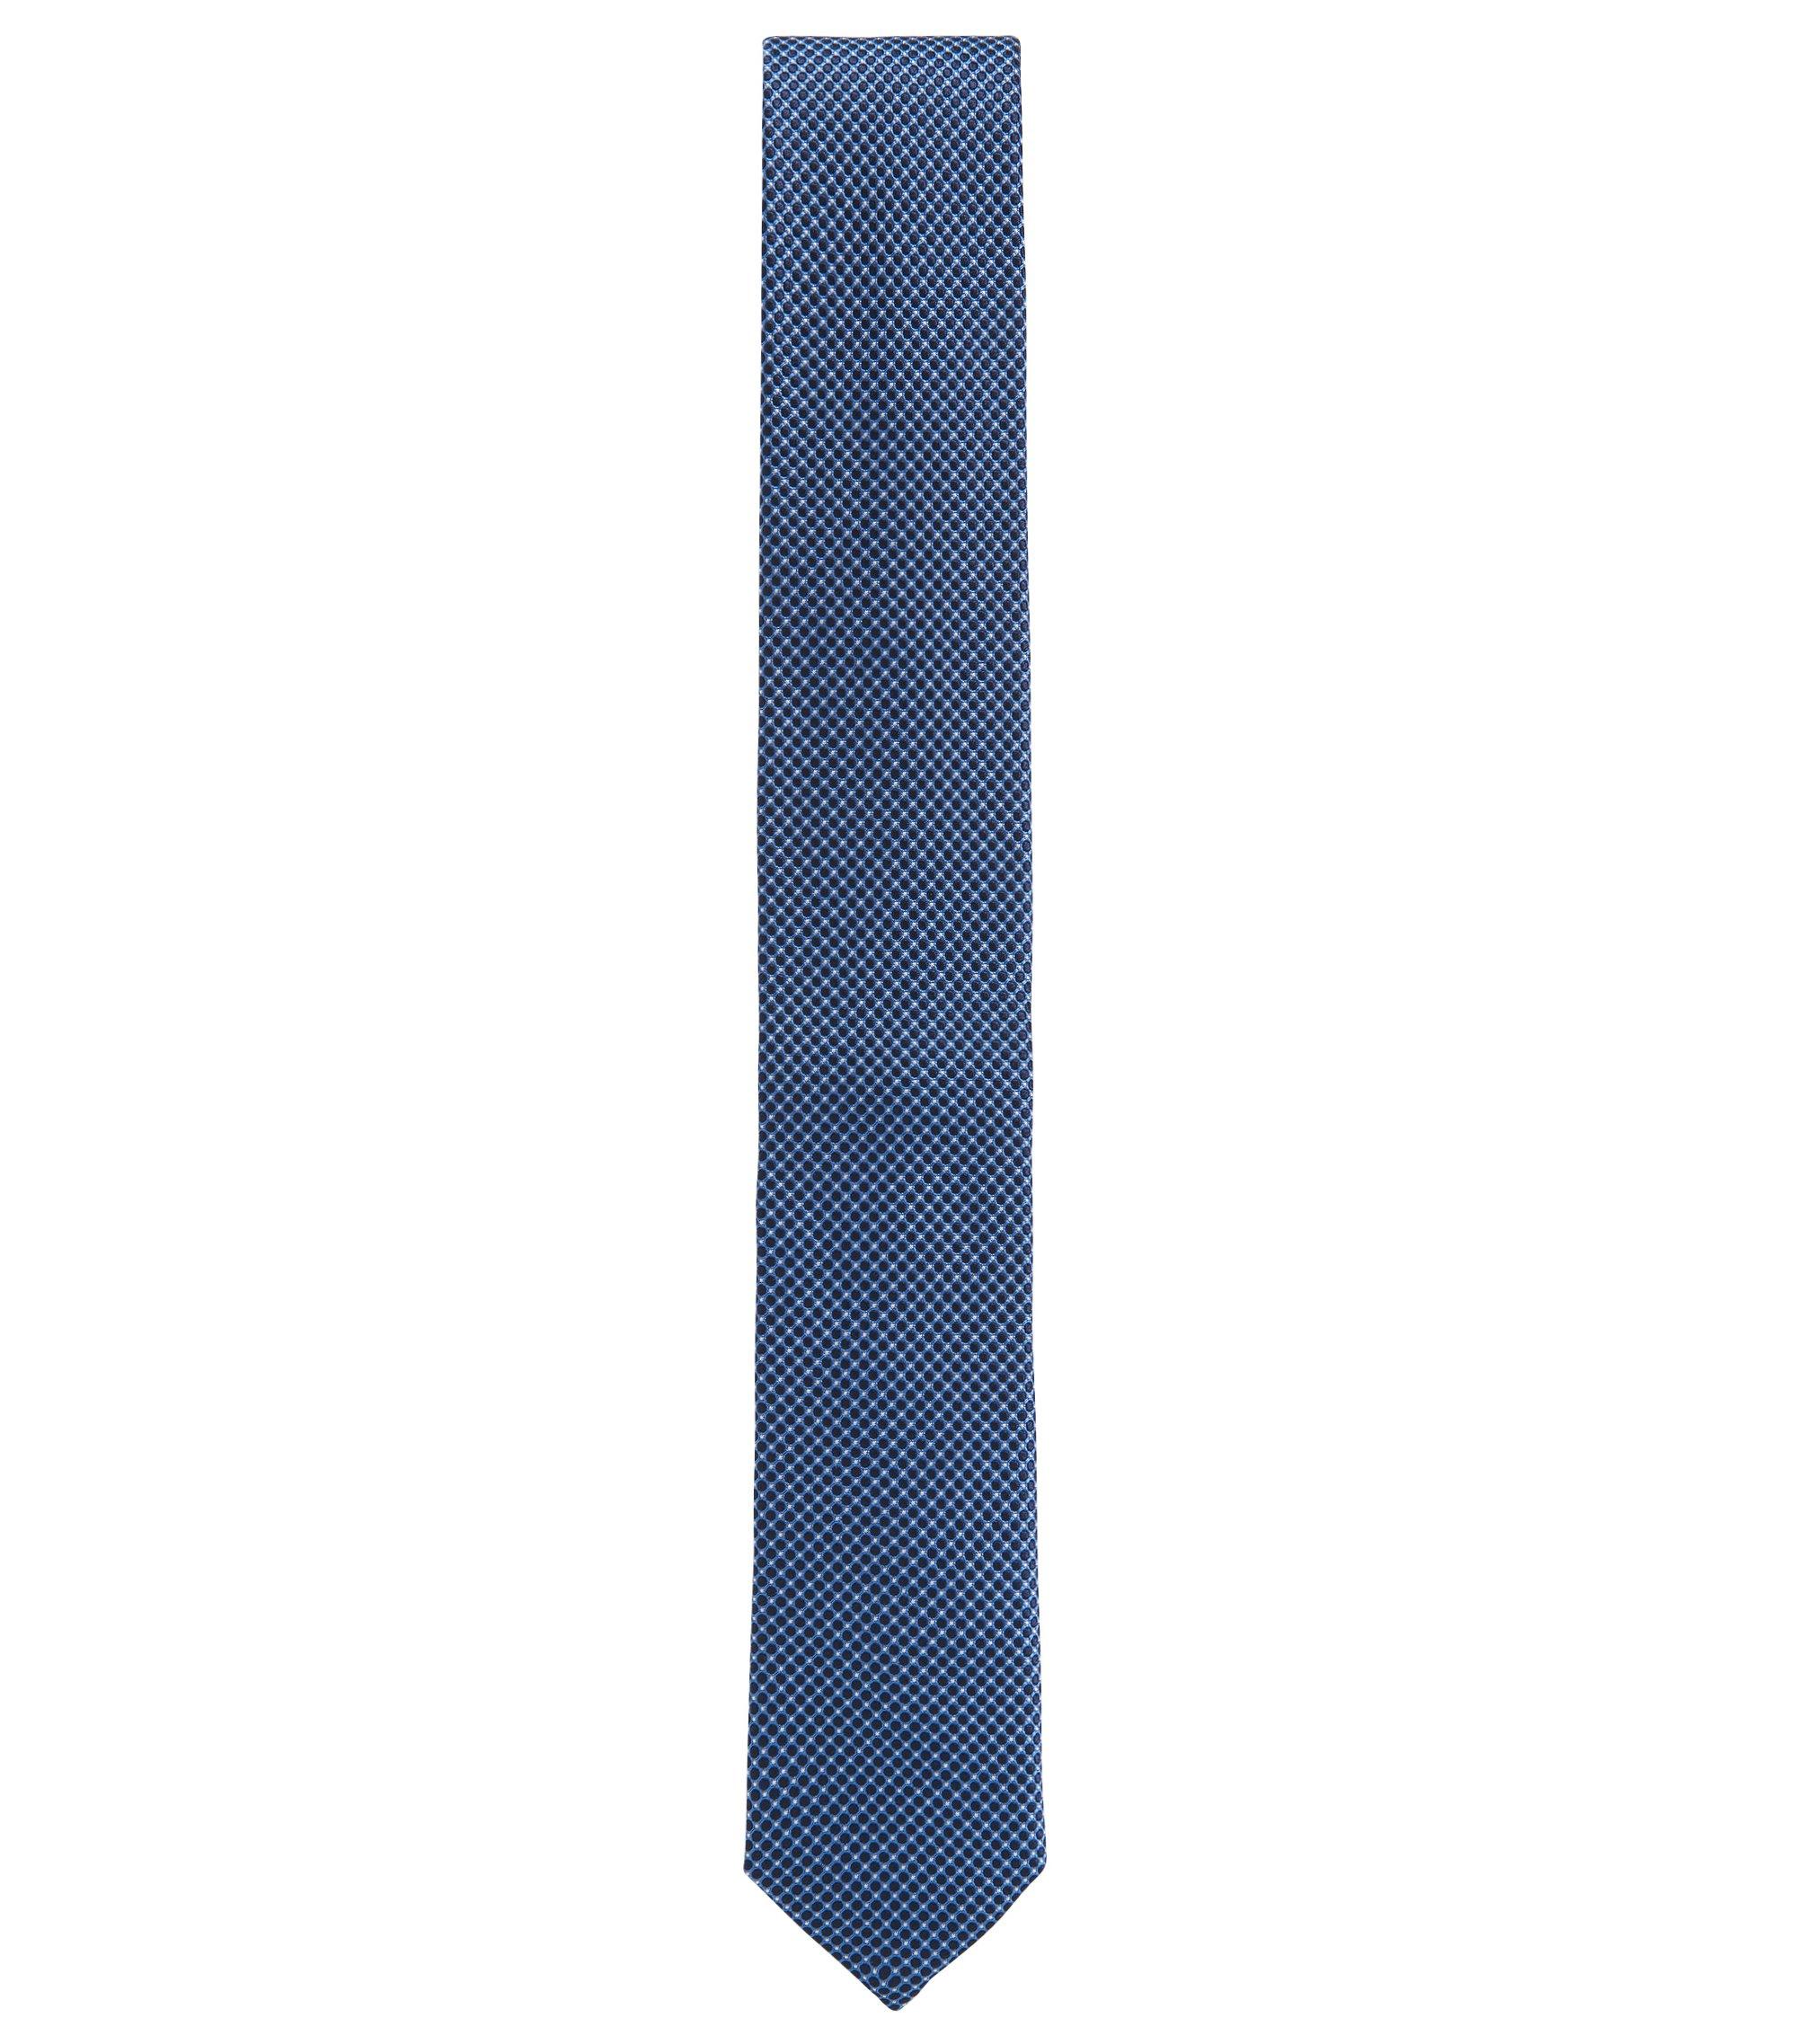 Cravate en jacquard de soie confectionnée en Italie, à micromotif, Bleu